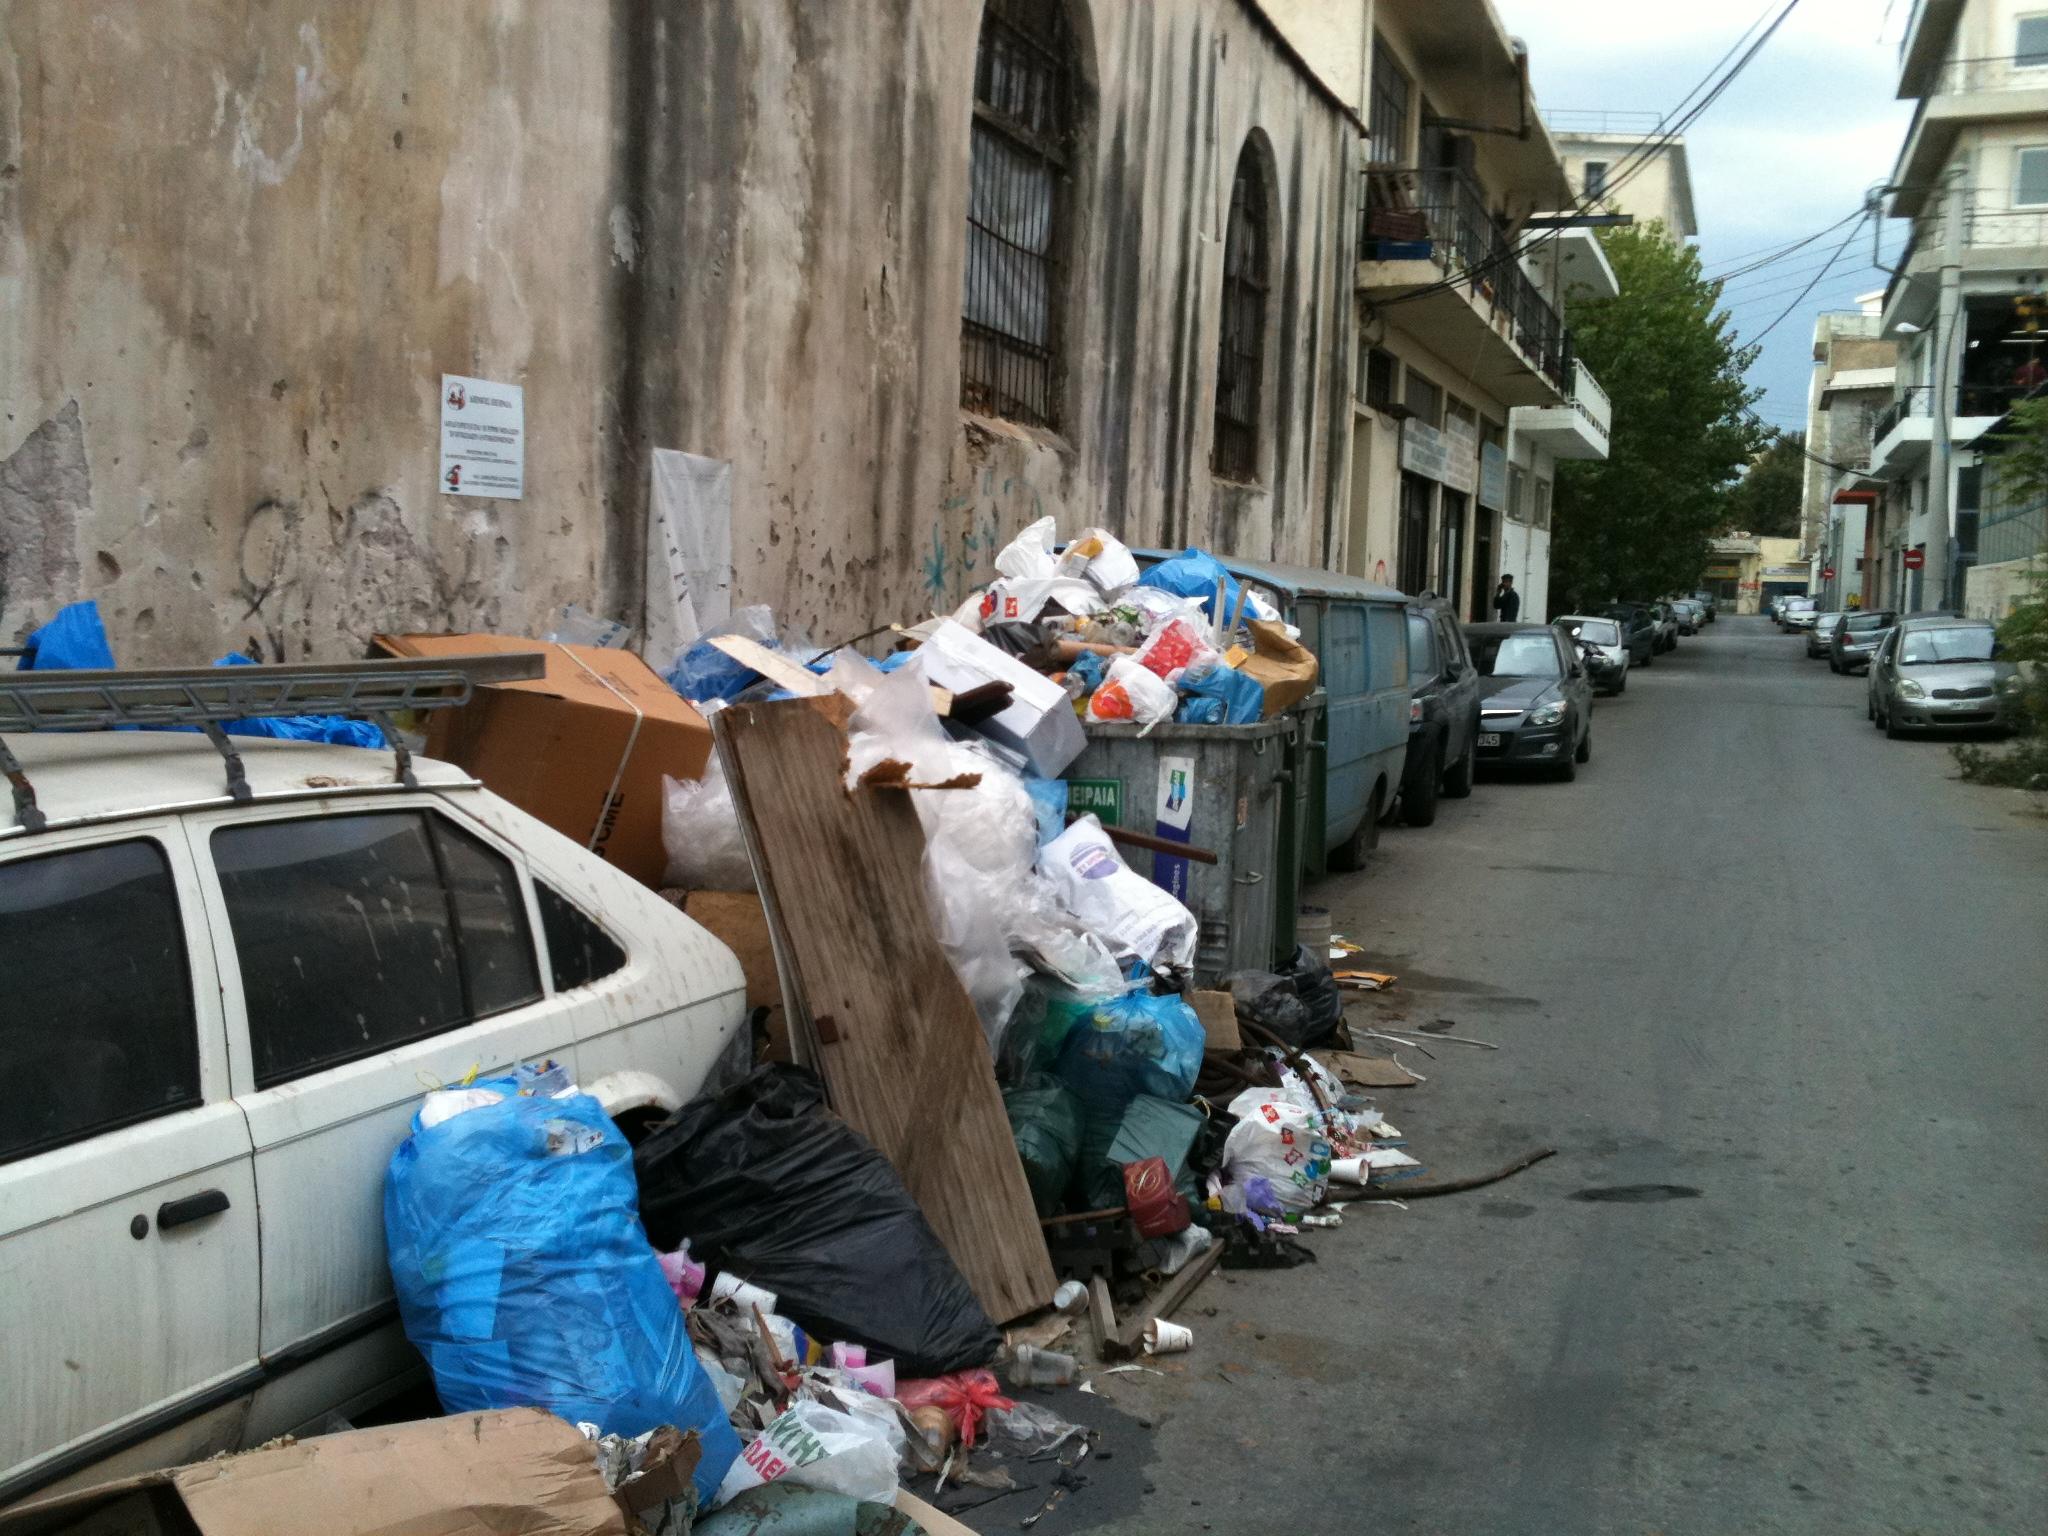 Τα σκουπιδια στα Καμίνια έχουν καλύψει ακόμα και σταθμευμένα οχήματα